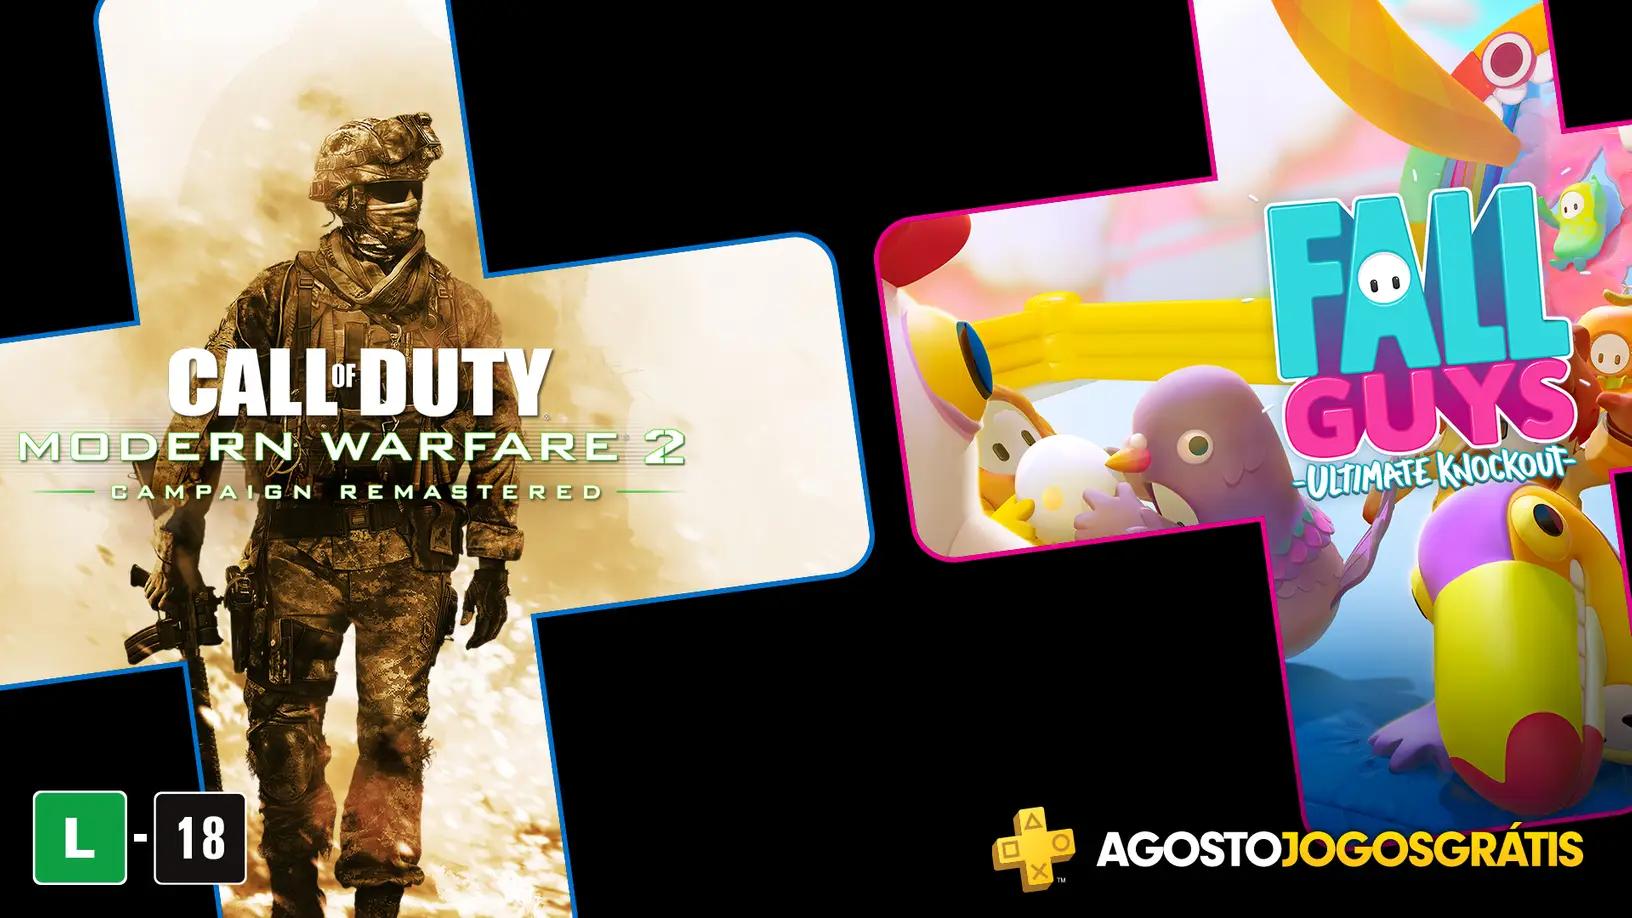 Call of Duty: Modern Warfare 2 e Fall Guys: Ultimate Knockout são os jogos grátis da PS Plus de agosto. (Foto: Reprodução/PlayStation Blog)